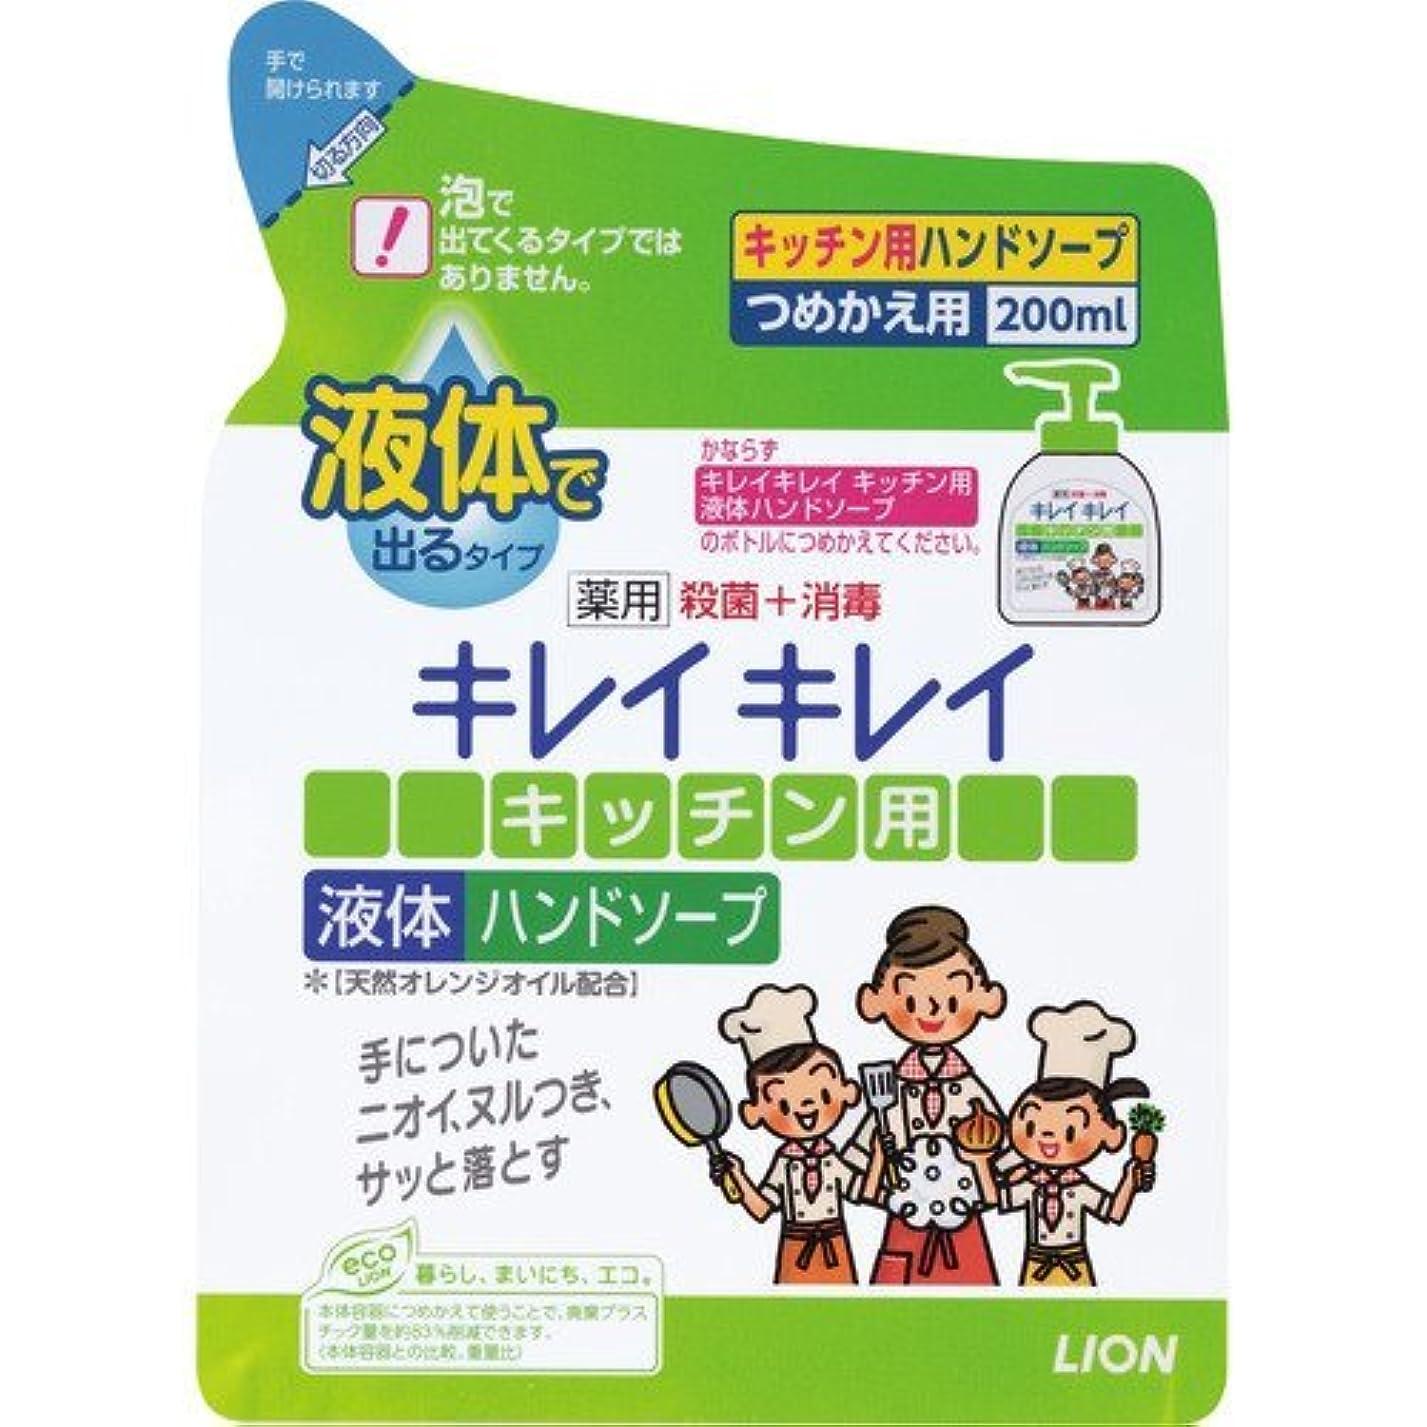 確保するリーダーシップピンクキレイキレイ 薬用 キッチンハンドソープ 詰め替え 200ml(医薬部外品)